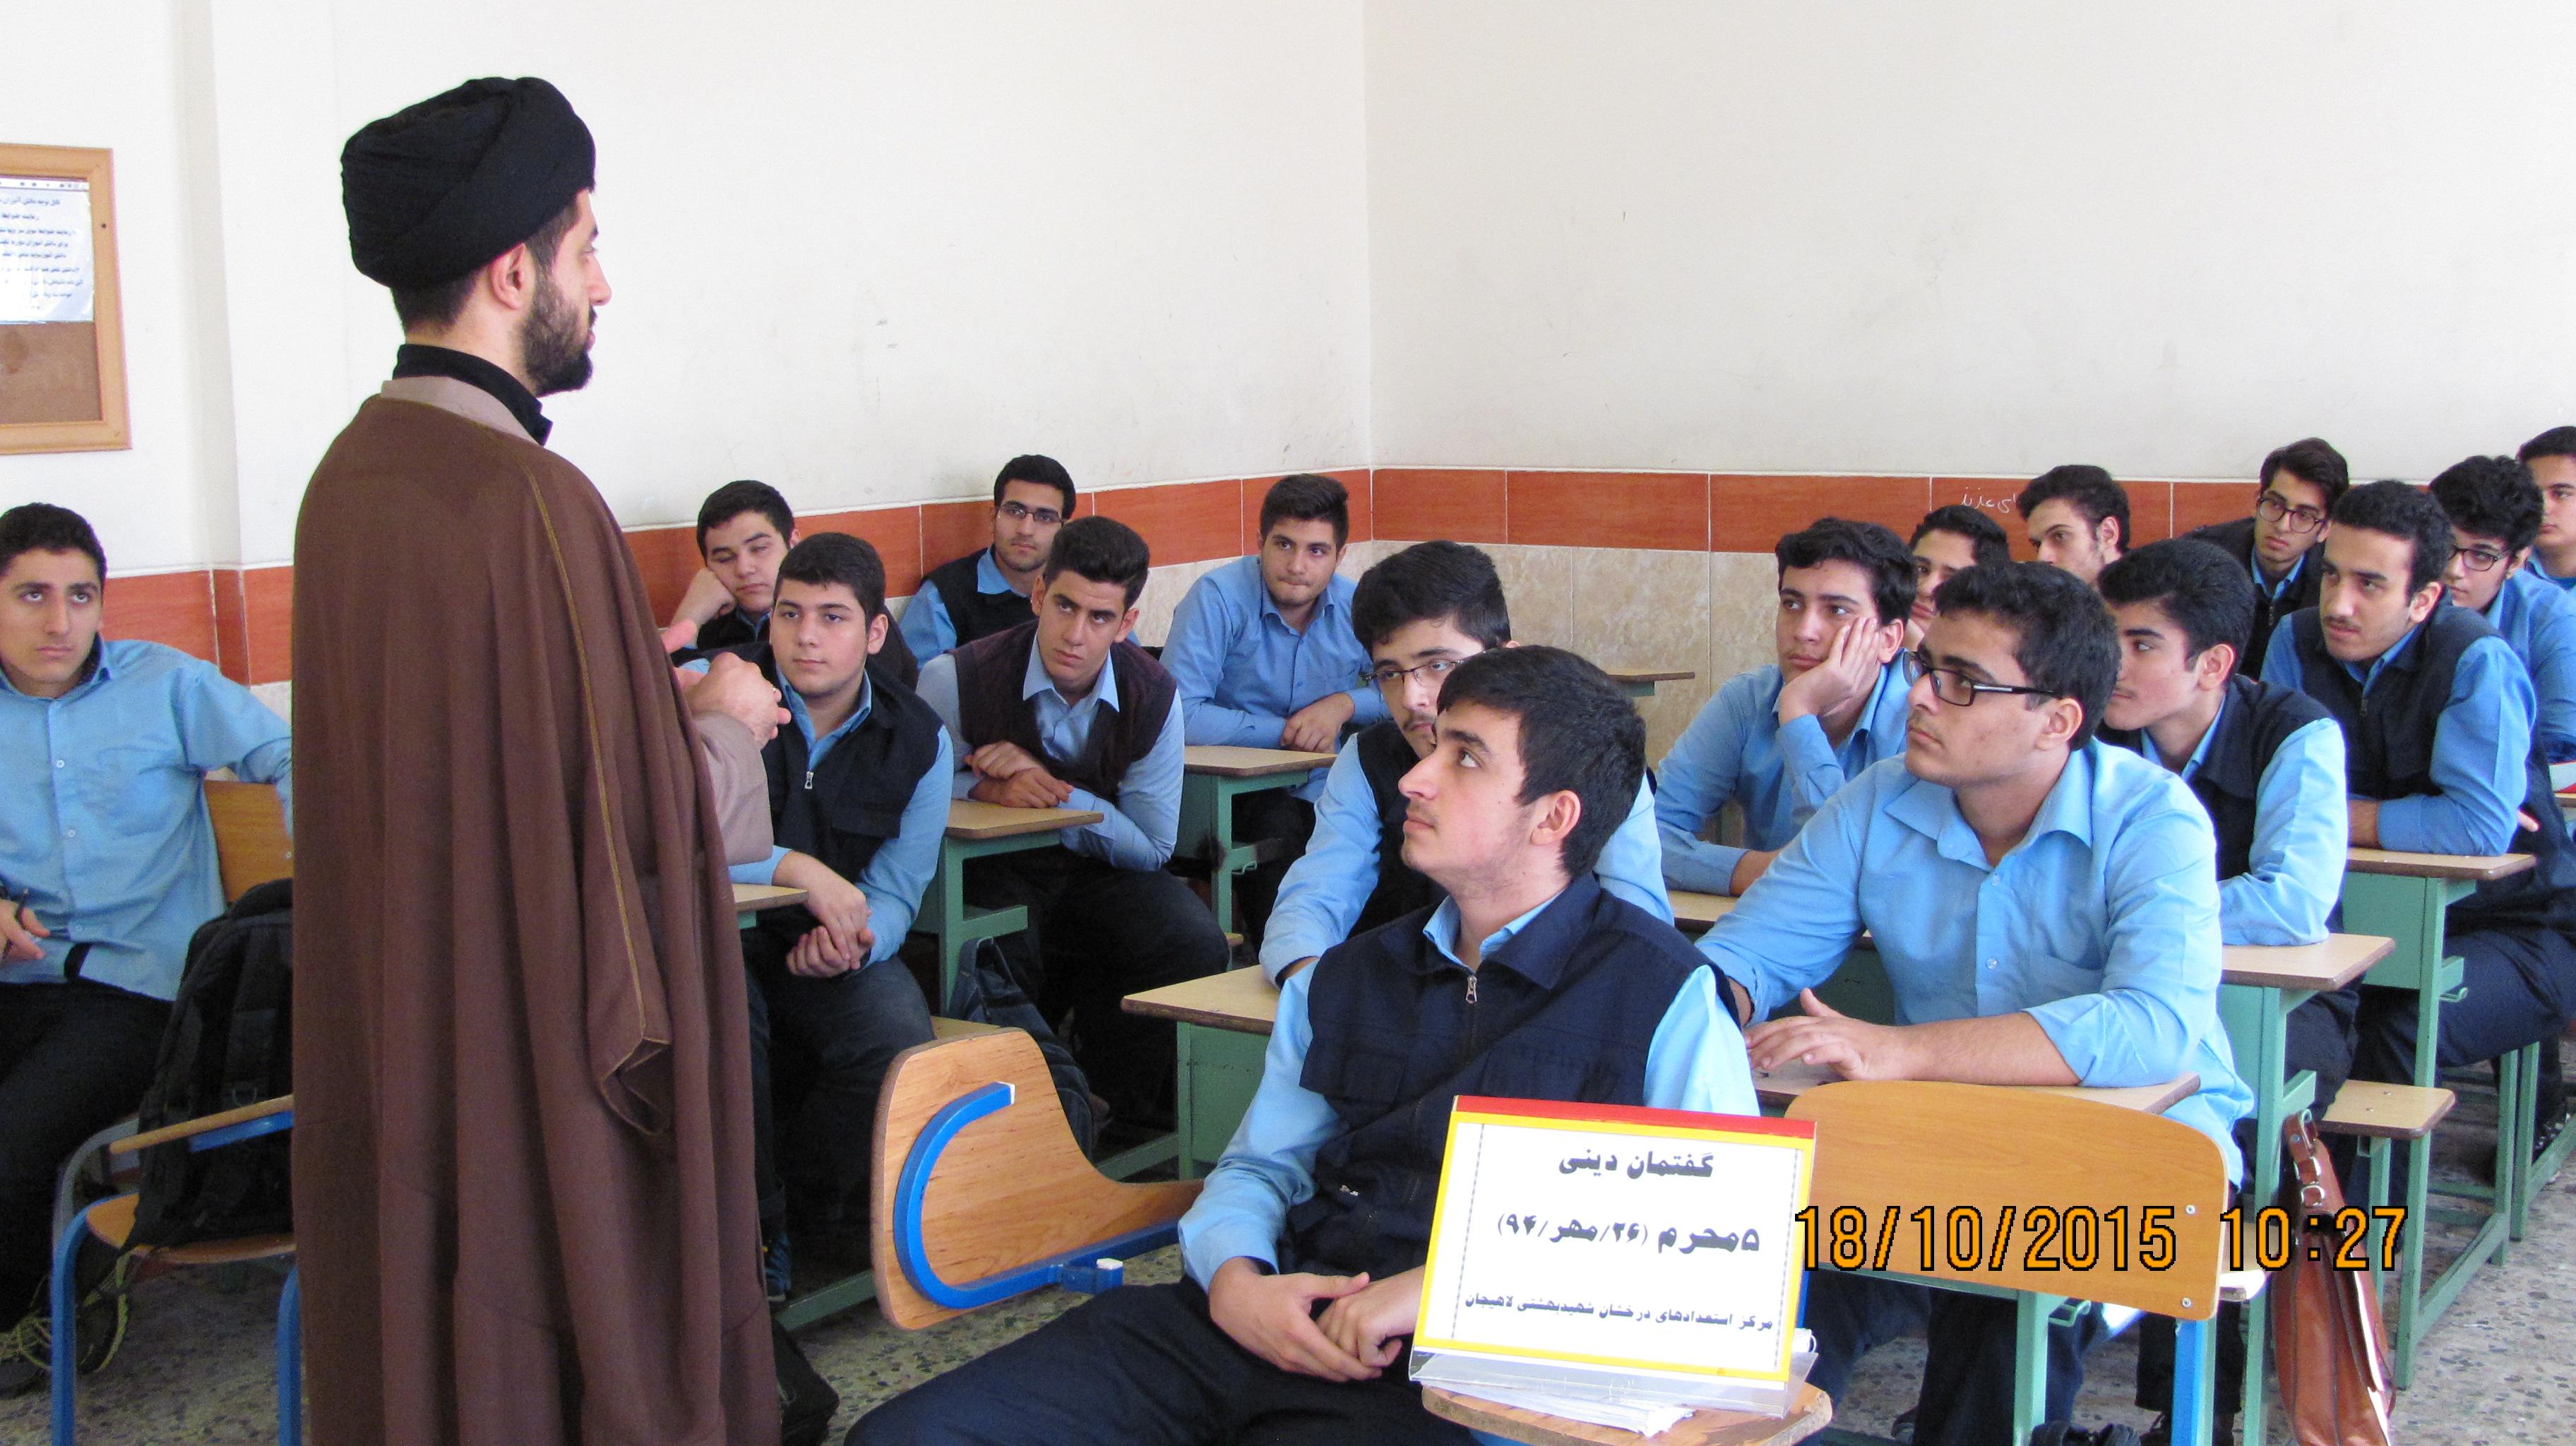 برگزاری گفتمان دینی در مرکزاستعداد های درخشان لاهیجان